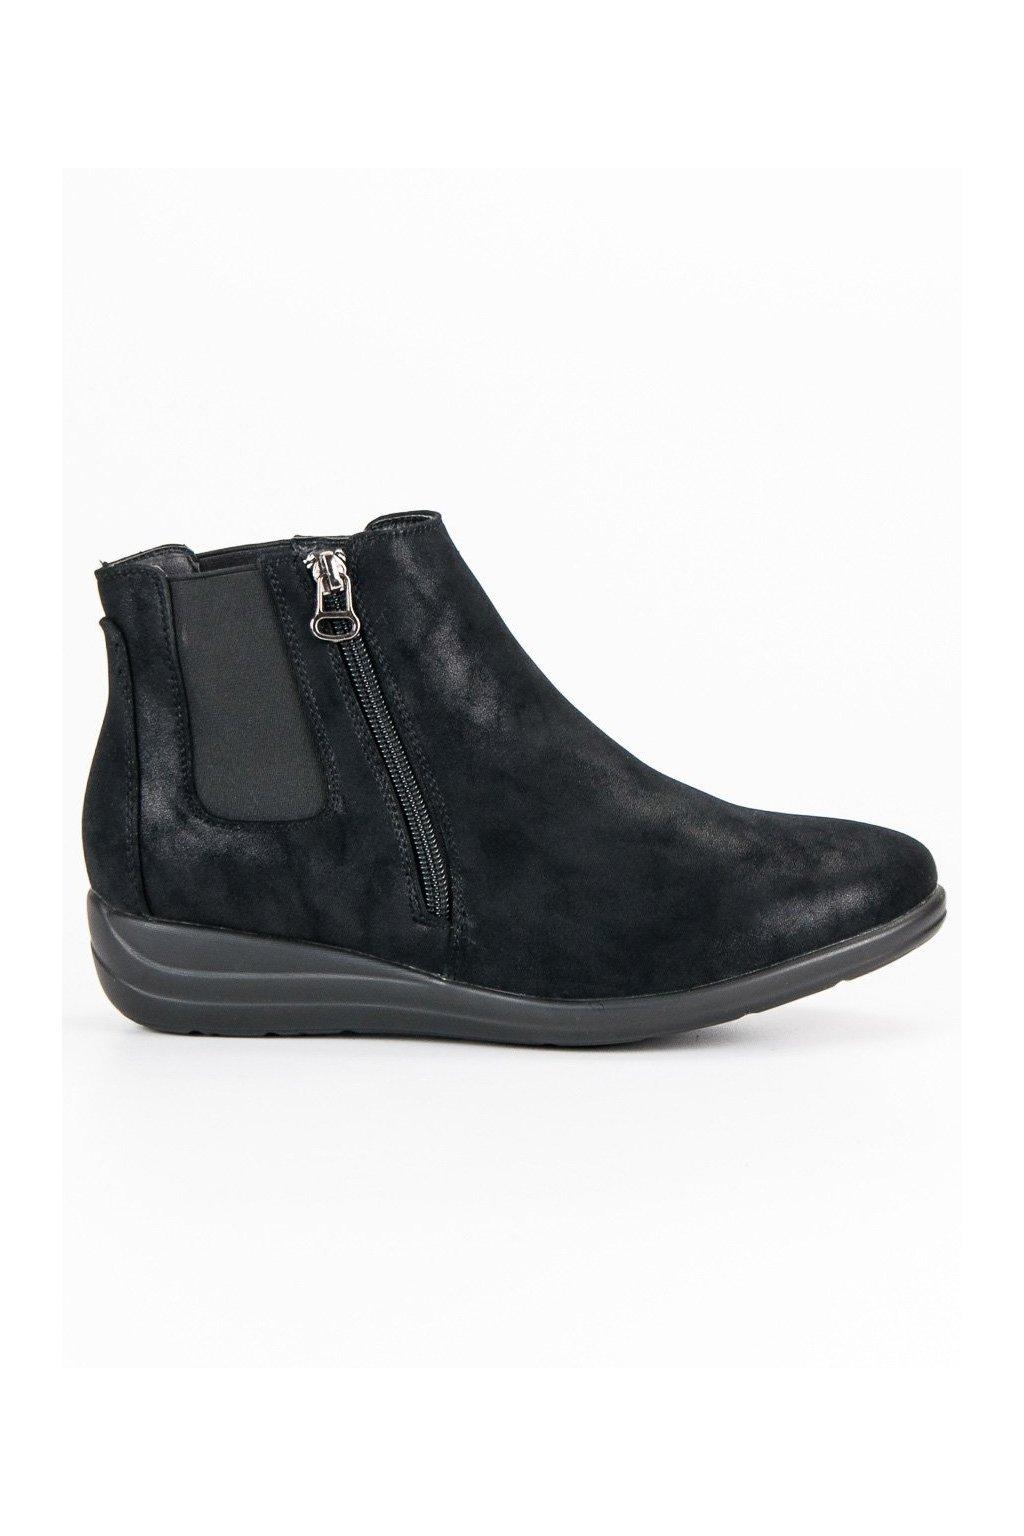 066faf3b4ca1 Dámske čierne topánky Kylie K1837204NE